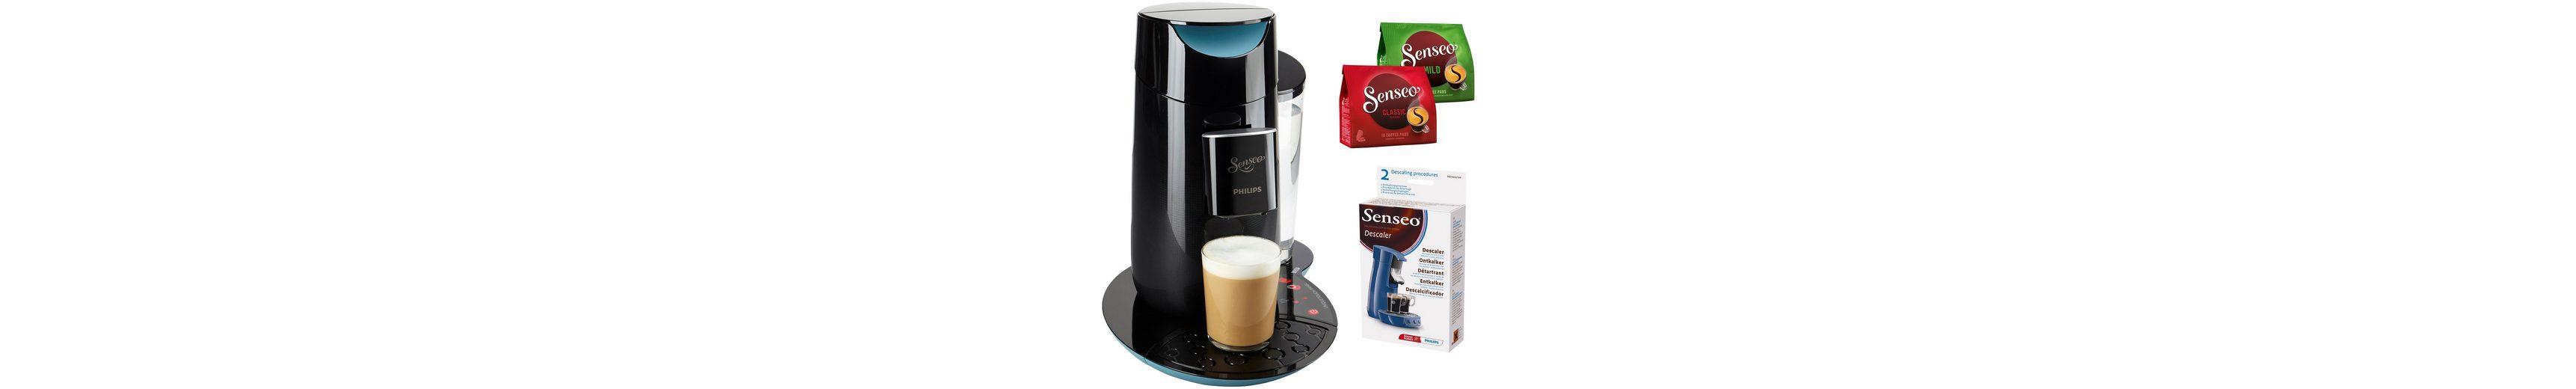 SENSEO® Kaffeepadmaschine HD7870 Twist, inkl Gratis-Zugaben im Wert von 14 €